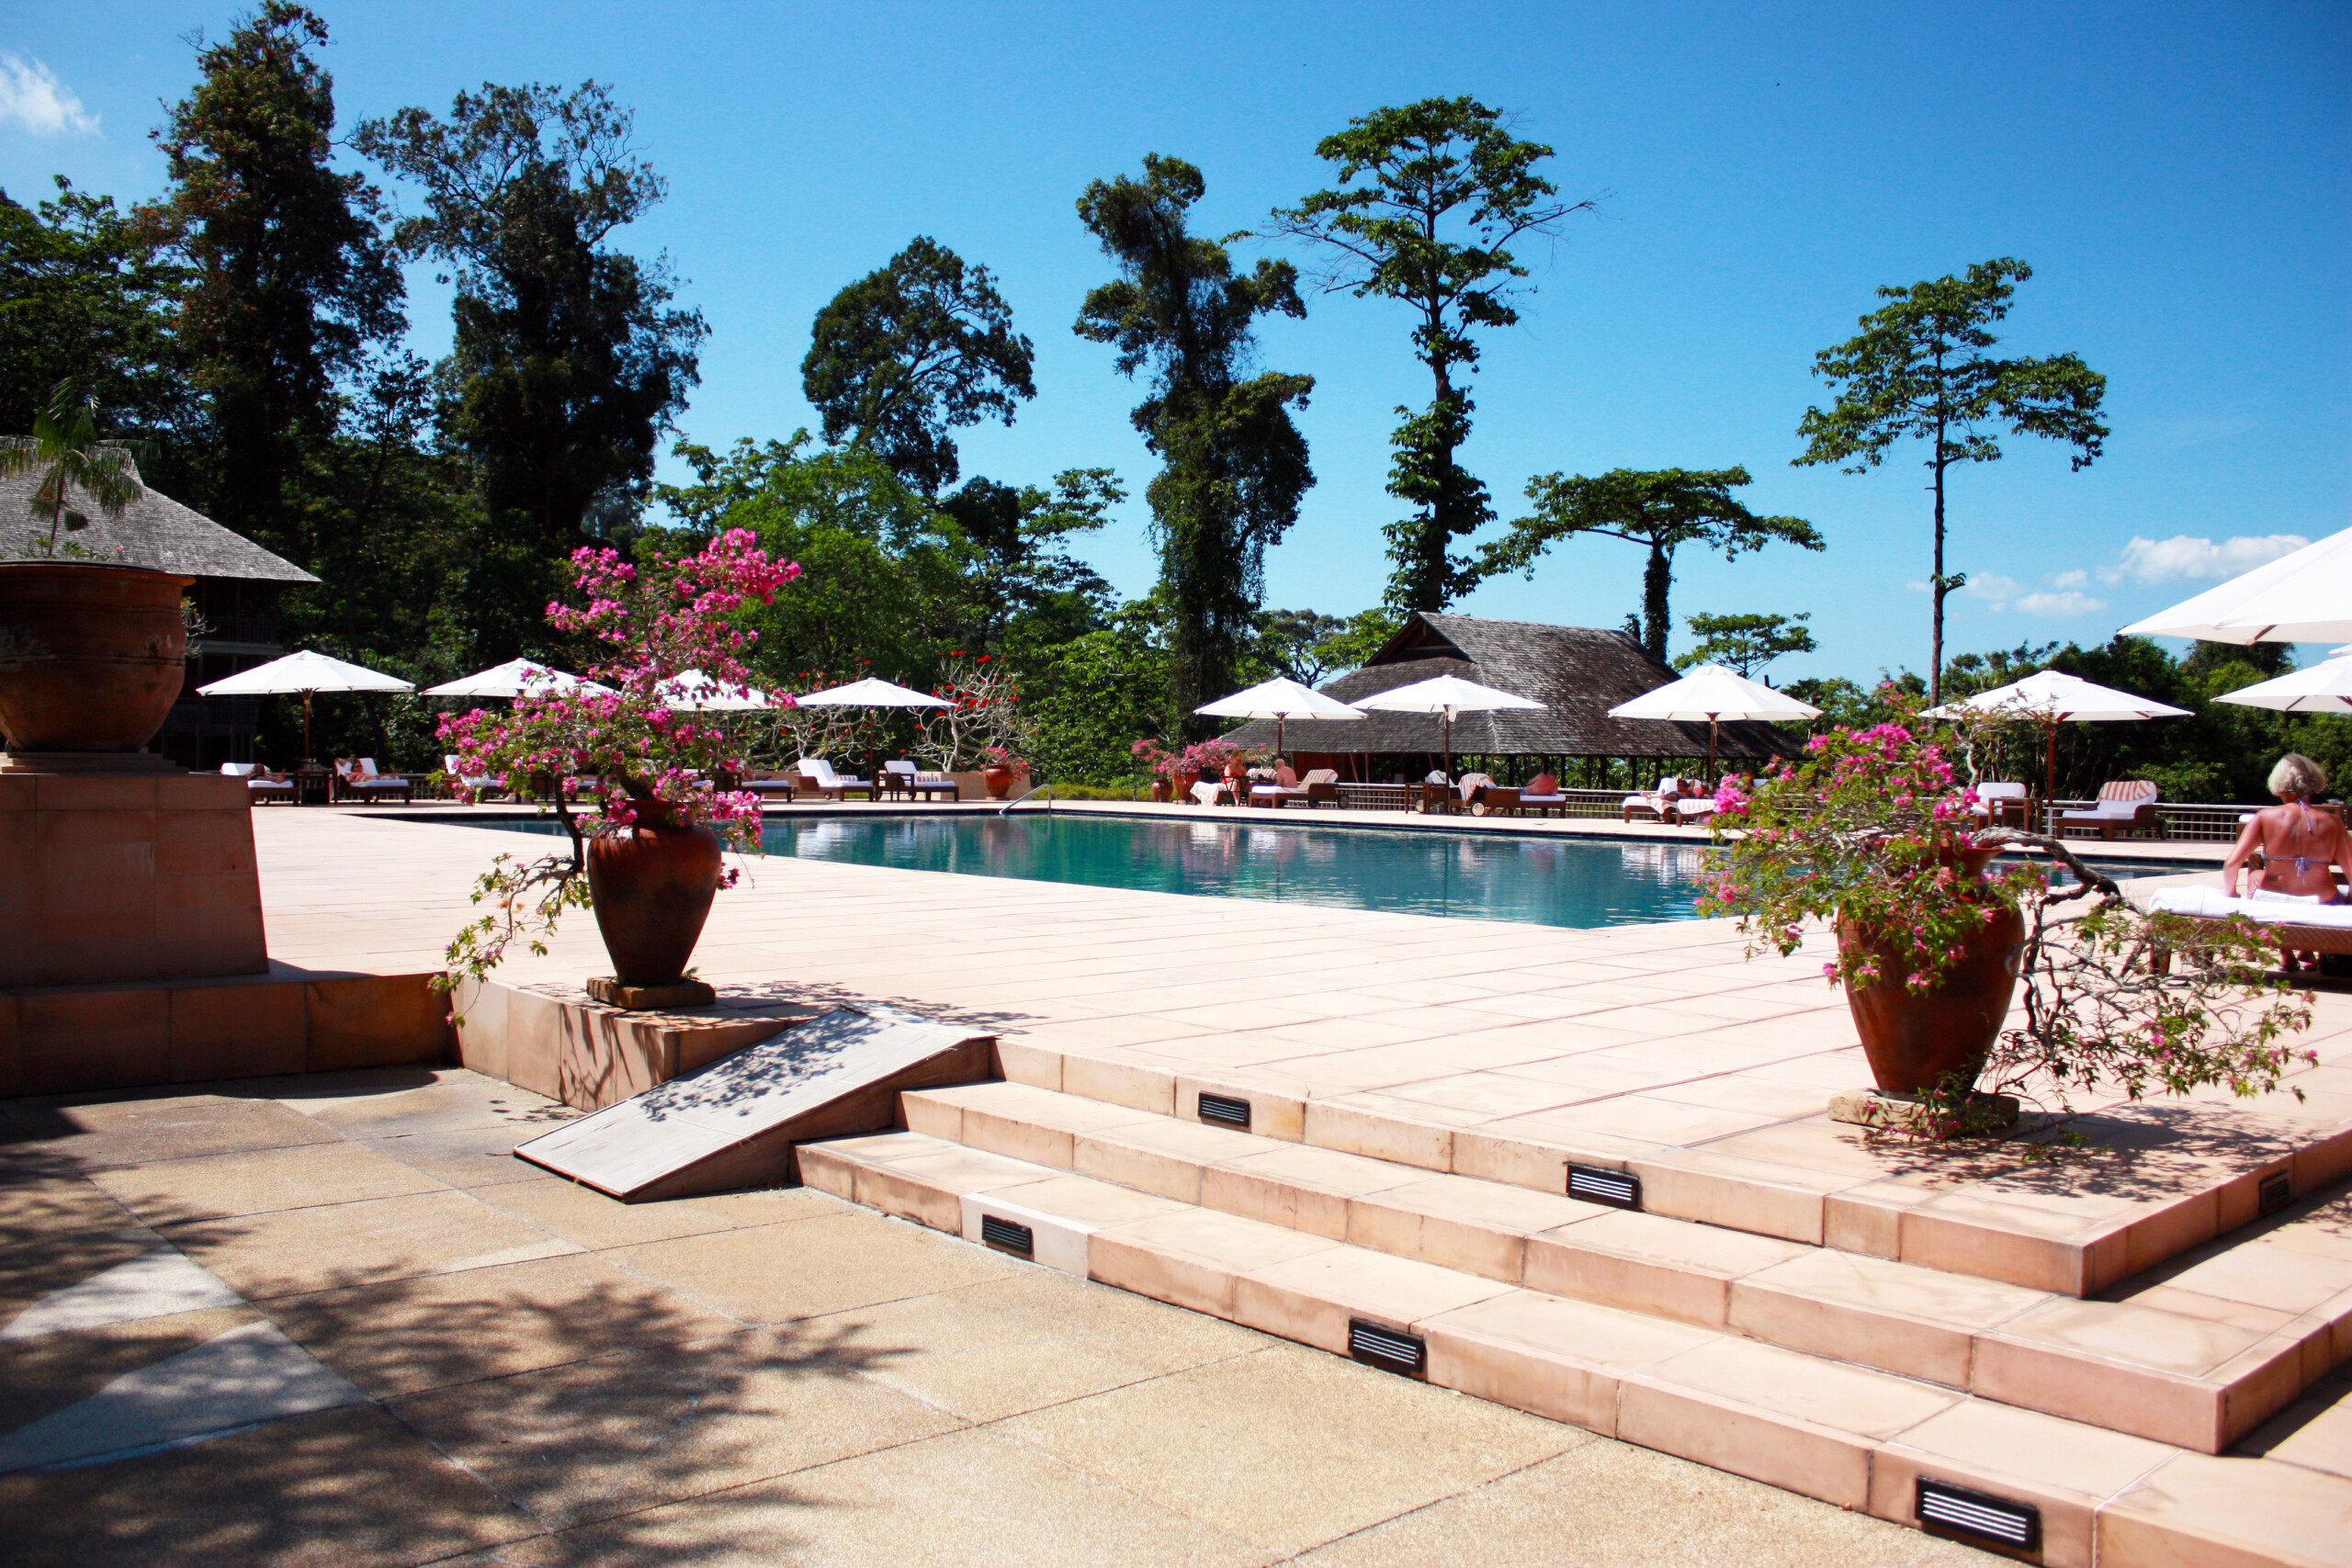 ランカウイのリゾートホテル、ザ・ダタイのプール